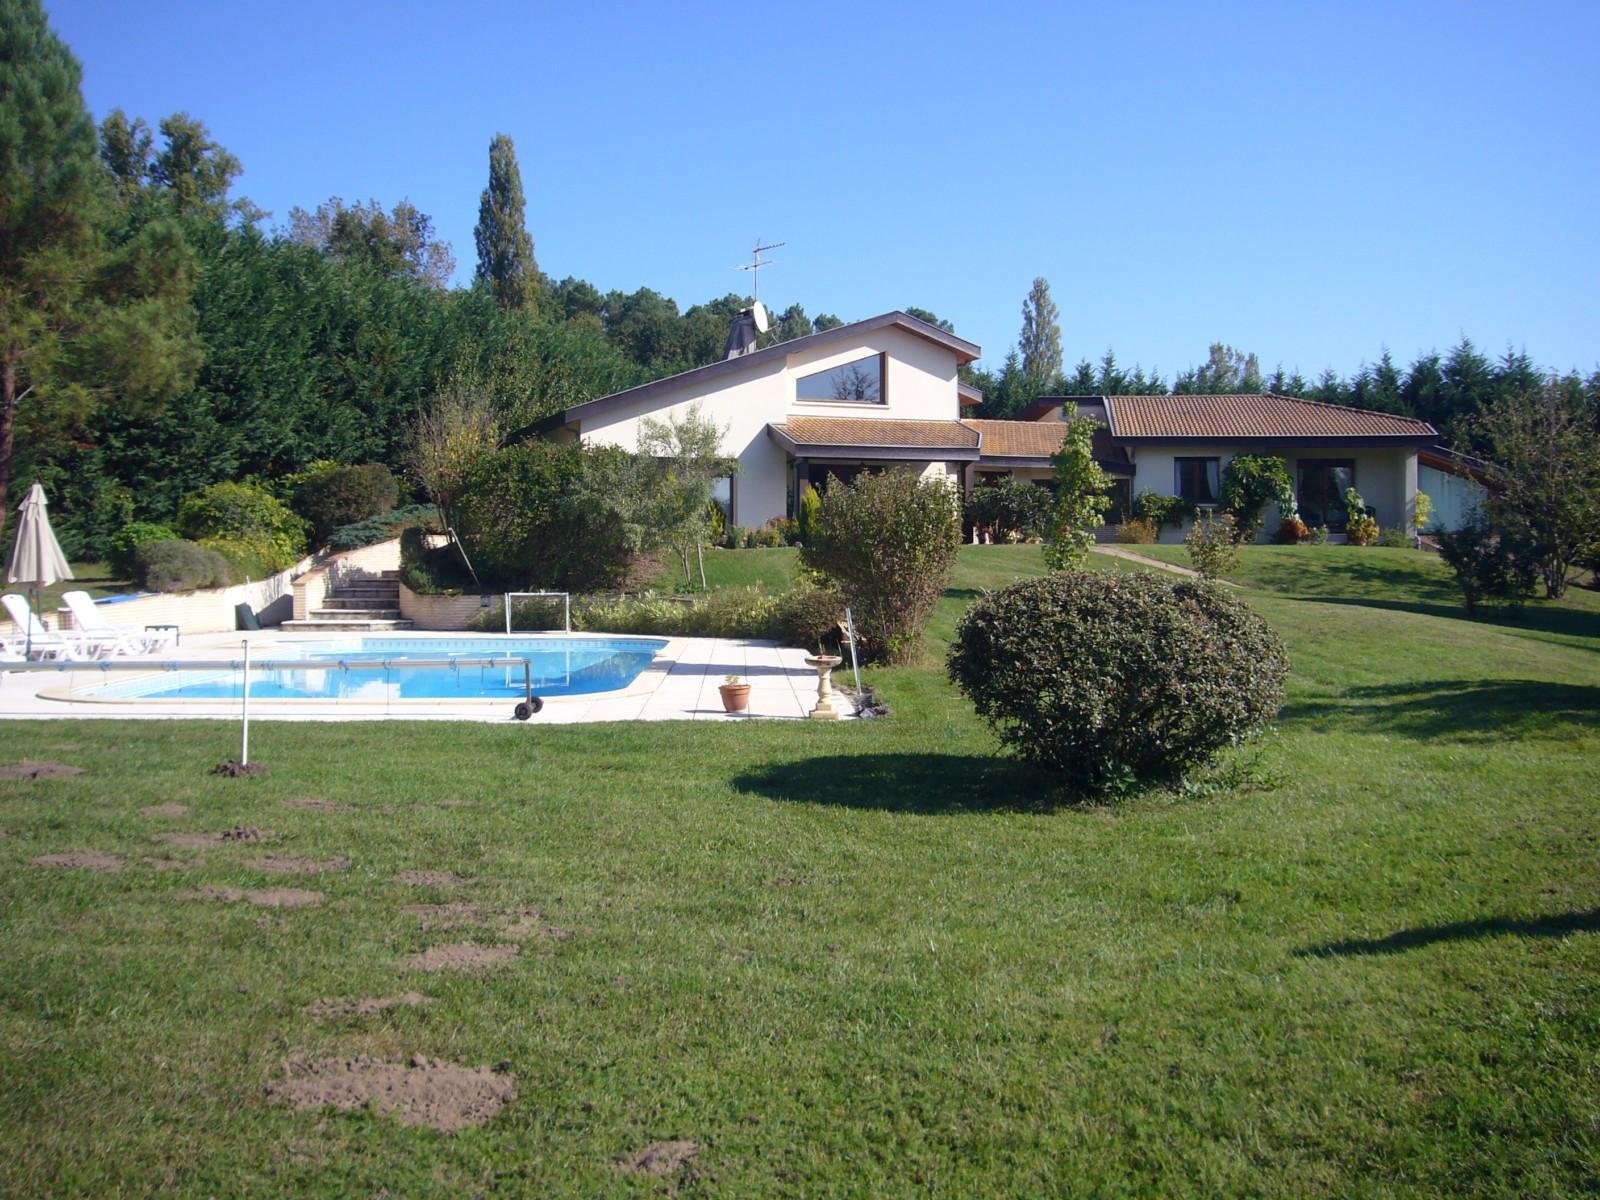 Vente maison casteljaloux n jc69433 immobilier for Casteljaloux piscine